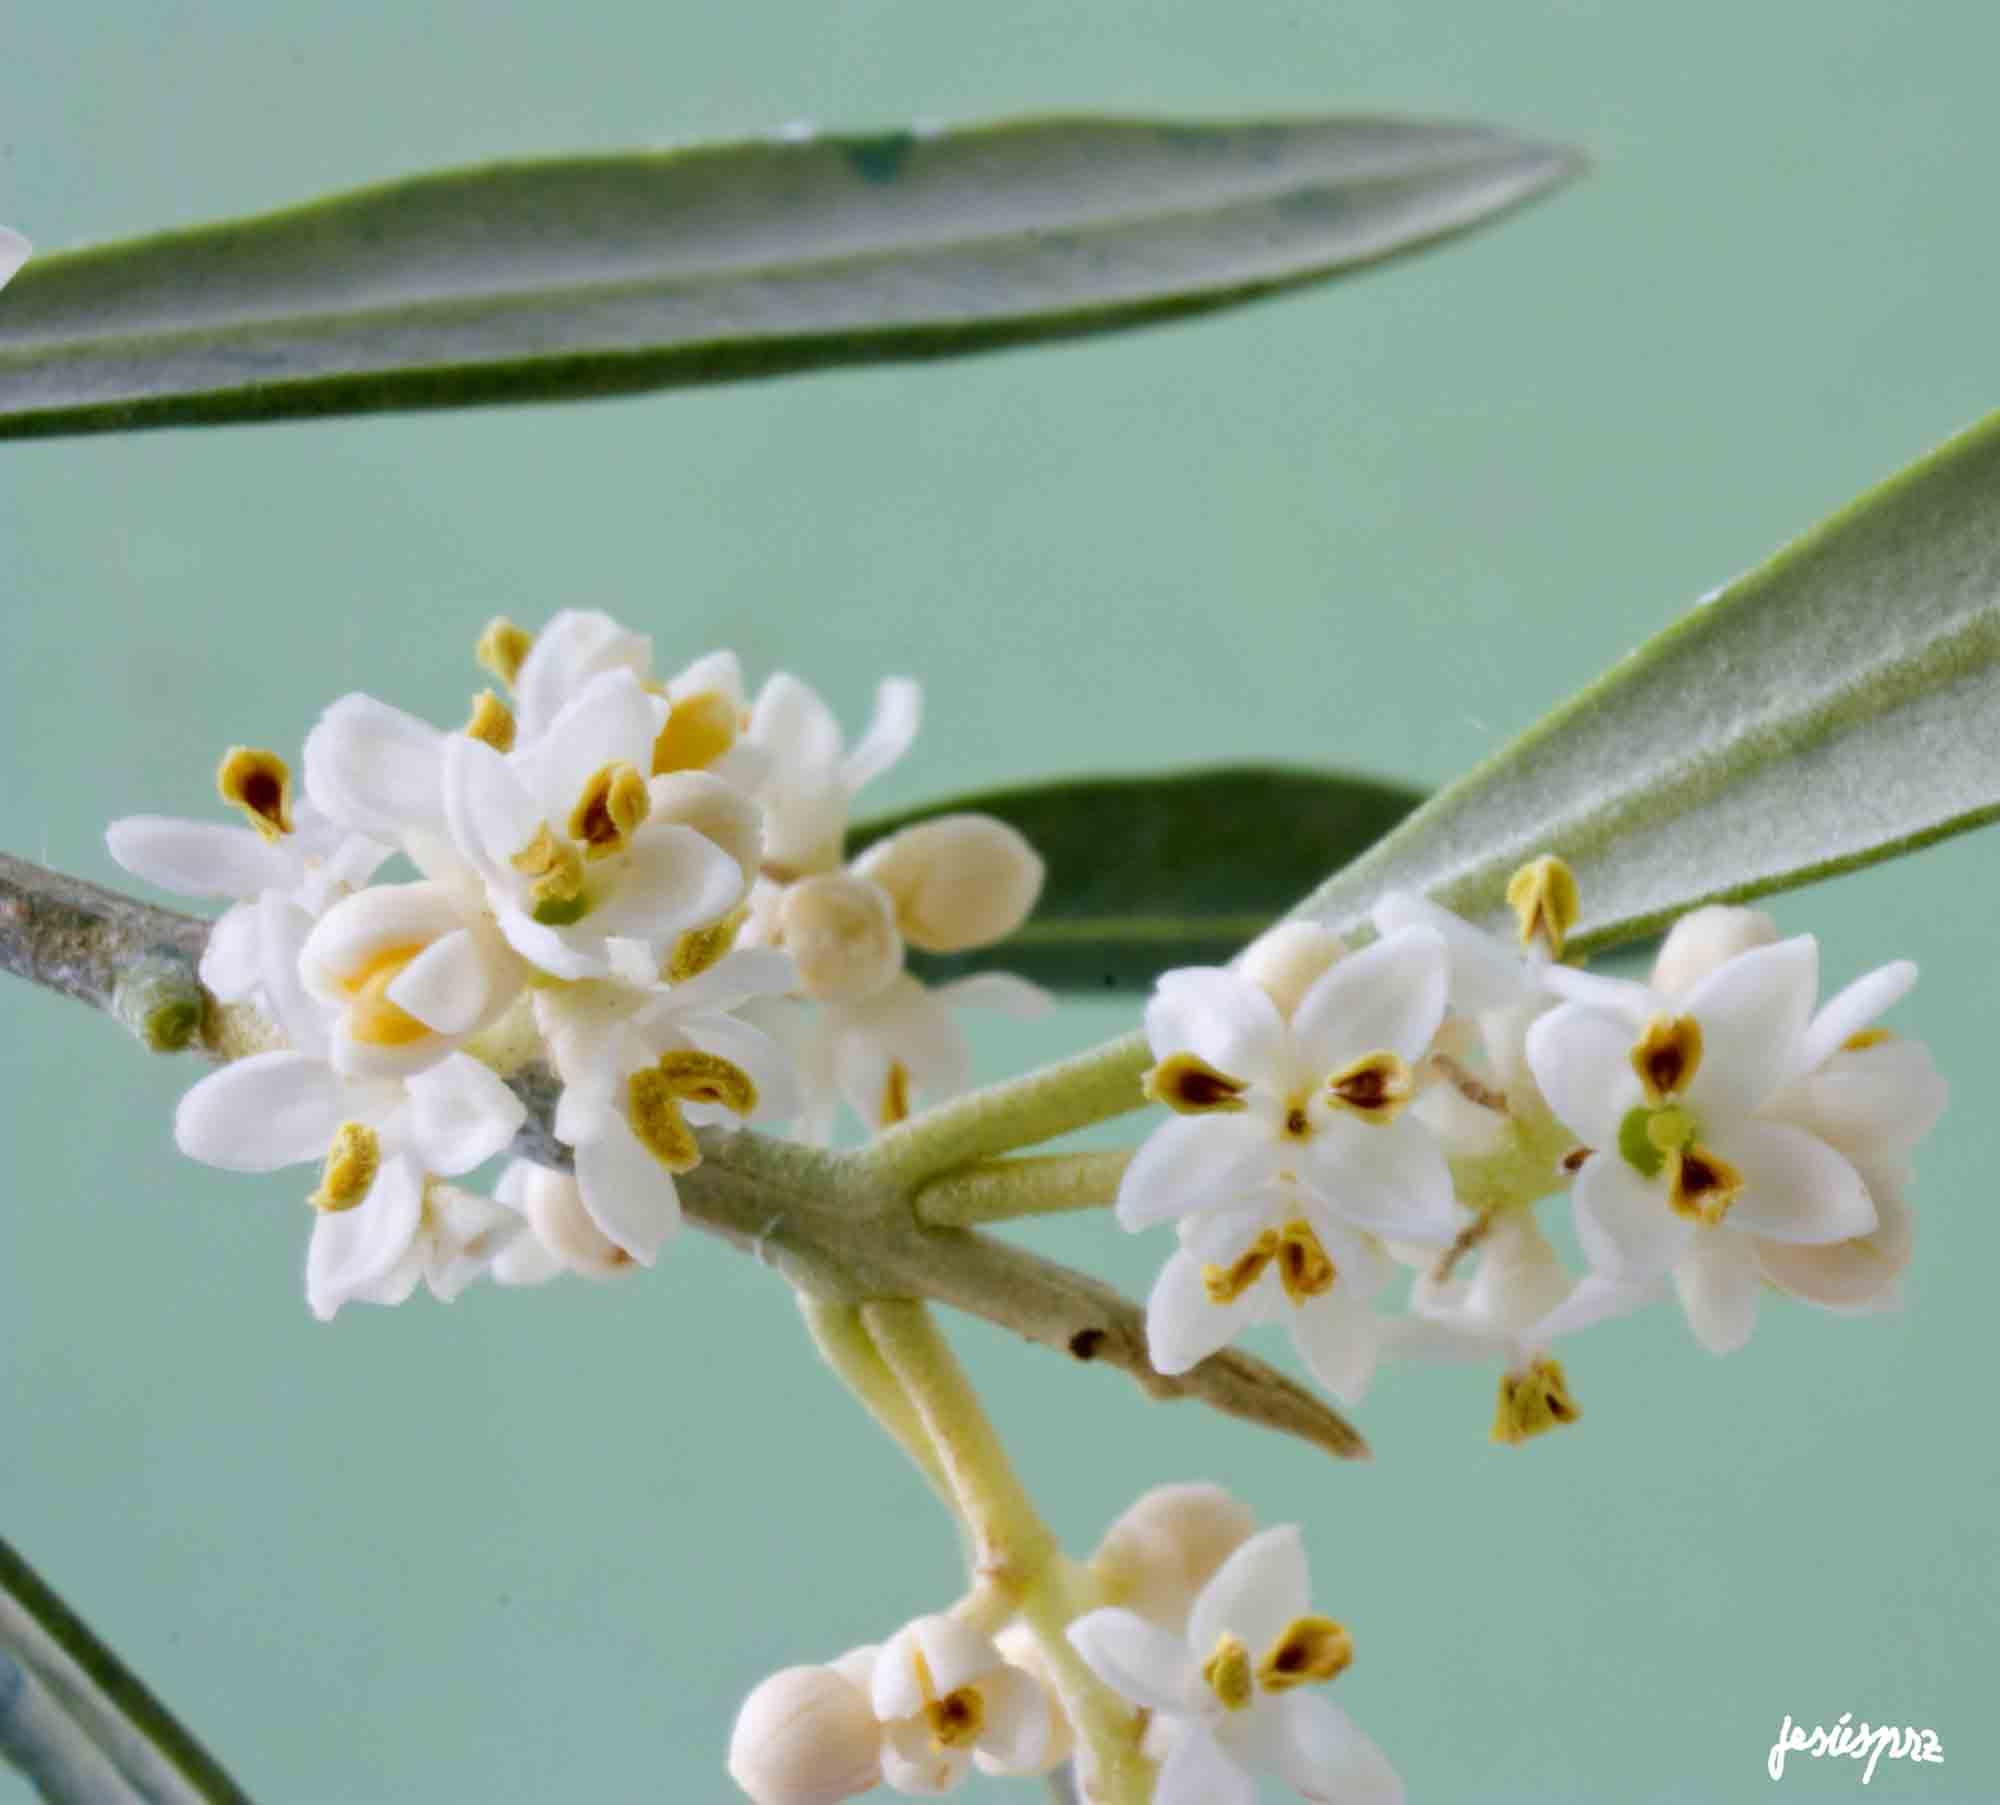 Palabra y Imagen - Página 39 Rapa-flor-del-olivo-15